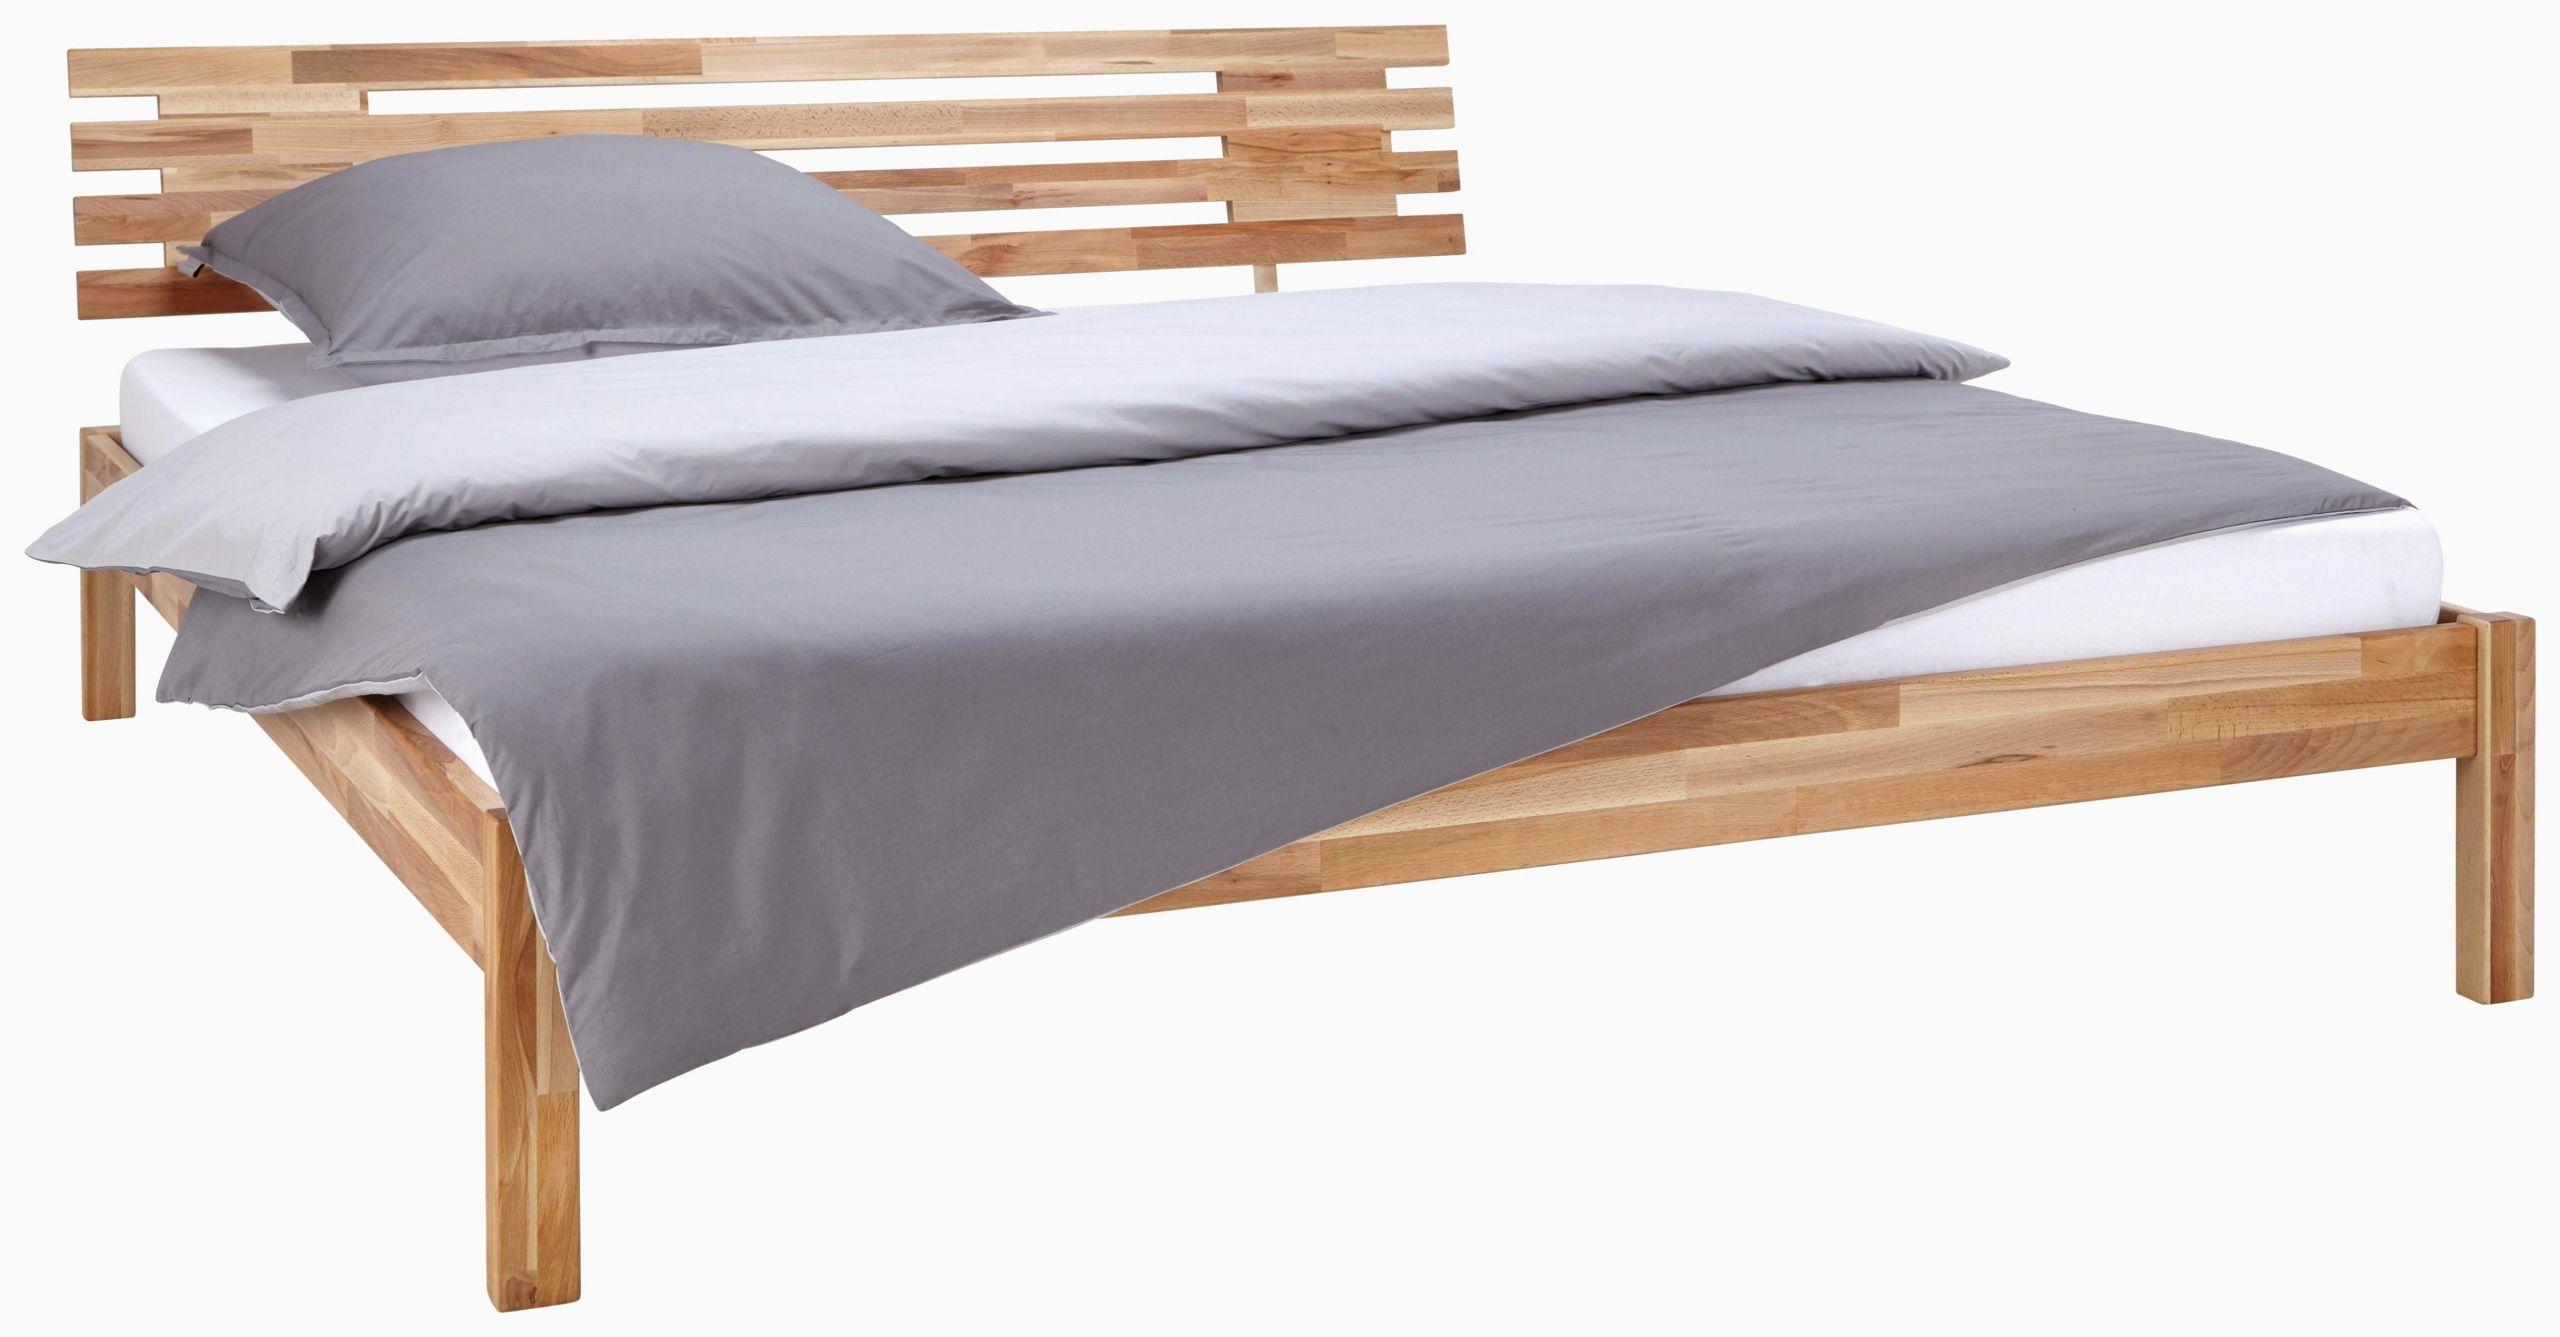 Full Size of Bett Ausziehbar Gleiche Ebene Ikea 32 Das Beste Von Im Wohnzimmer Reizend Frisch Günstig Kaufen 160 Stauraum Dico Betten Amazon Landhaus Esstische Cars Wohnzimmer Bett Ausziehbar Gleiche Ebene